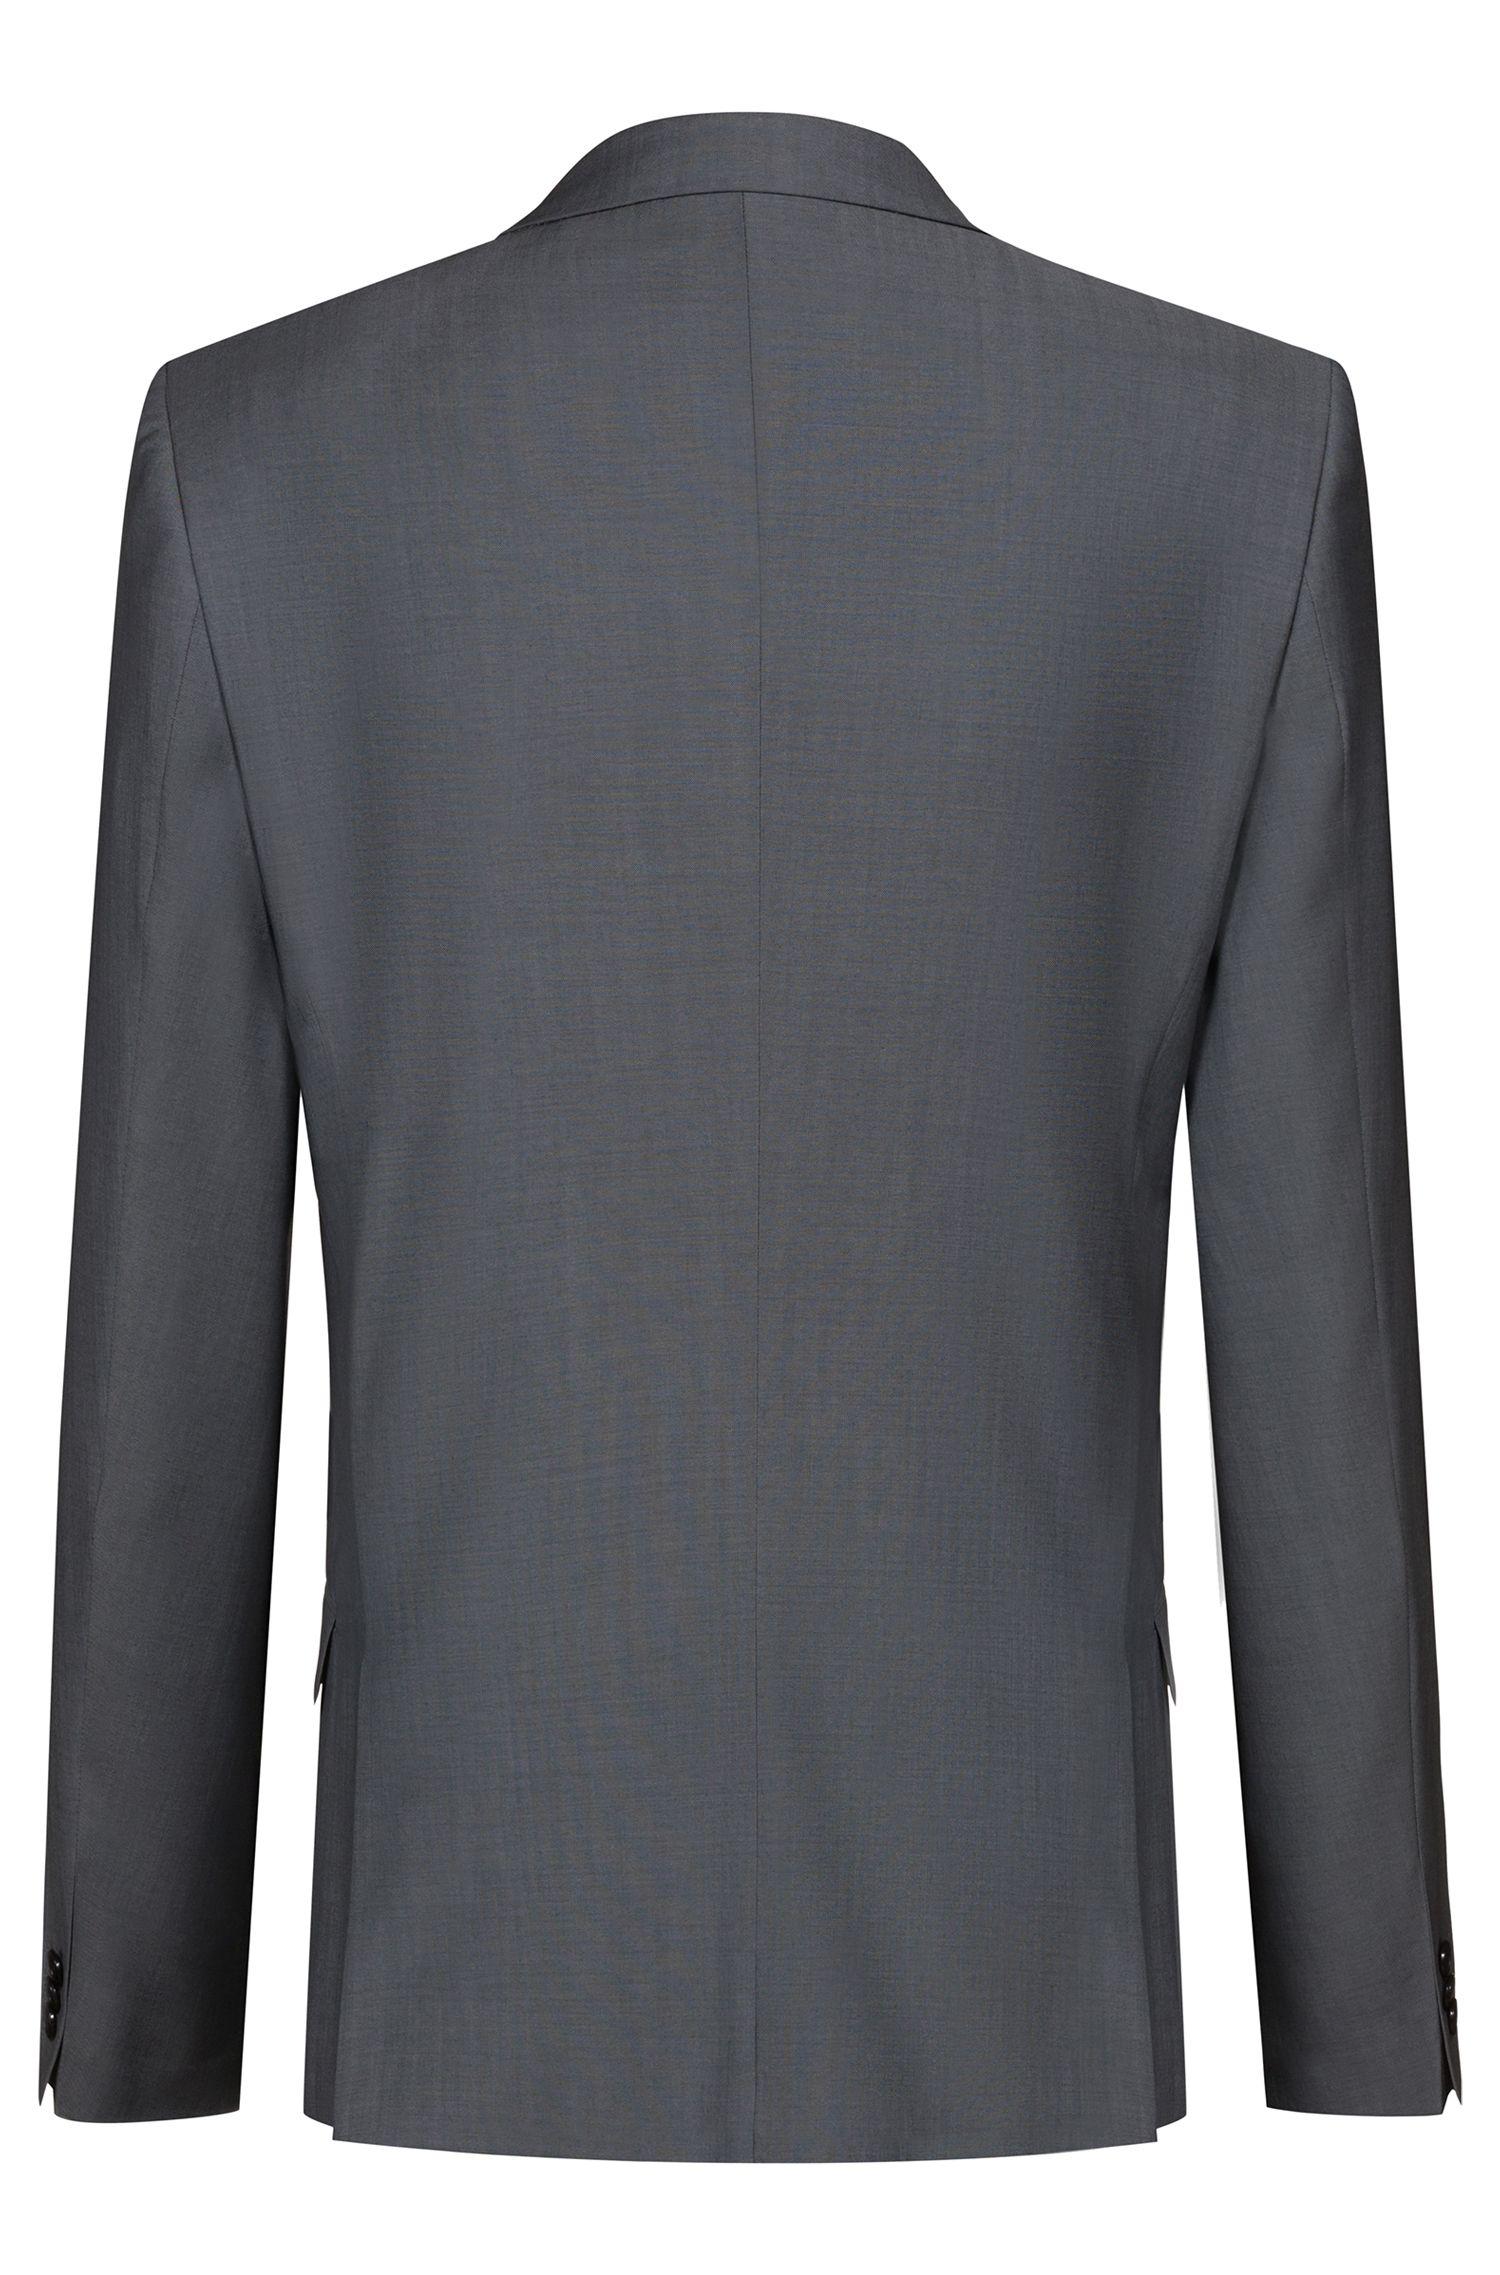 Abito con gilet extra slim fit in lana testurizzata, Grigio